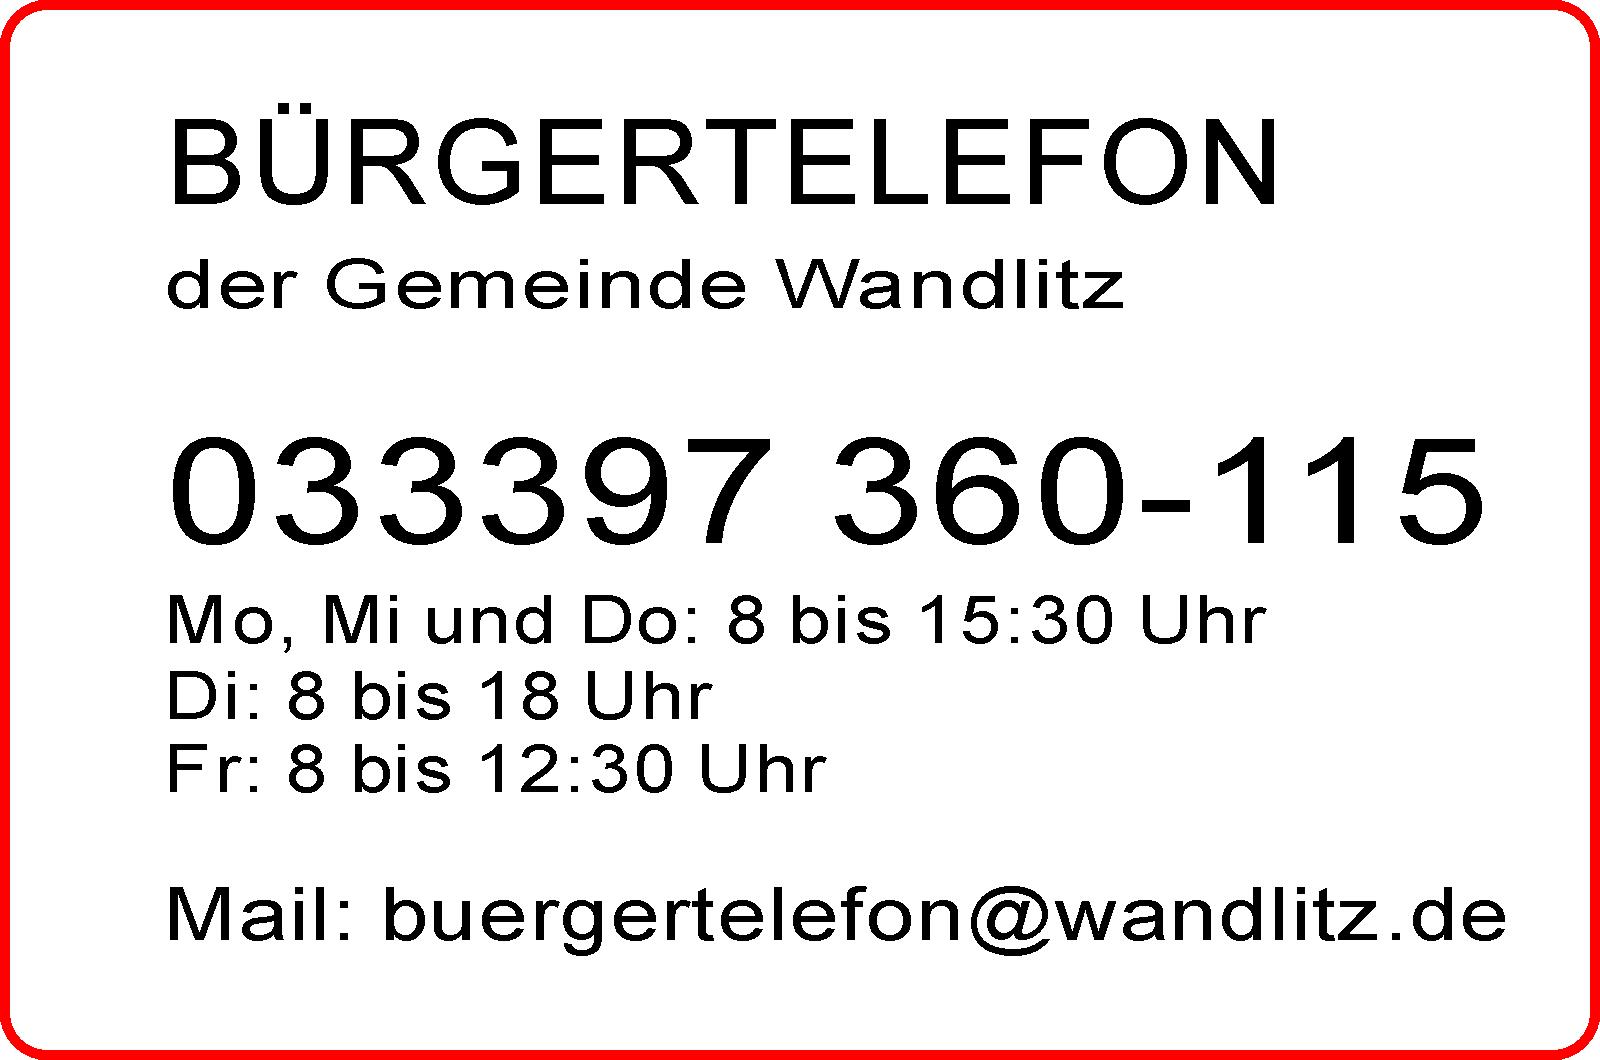 Buergertelefon Corona-Hotline